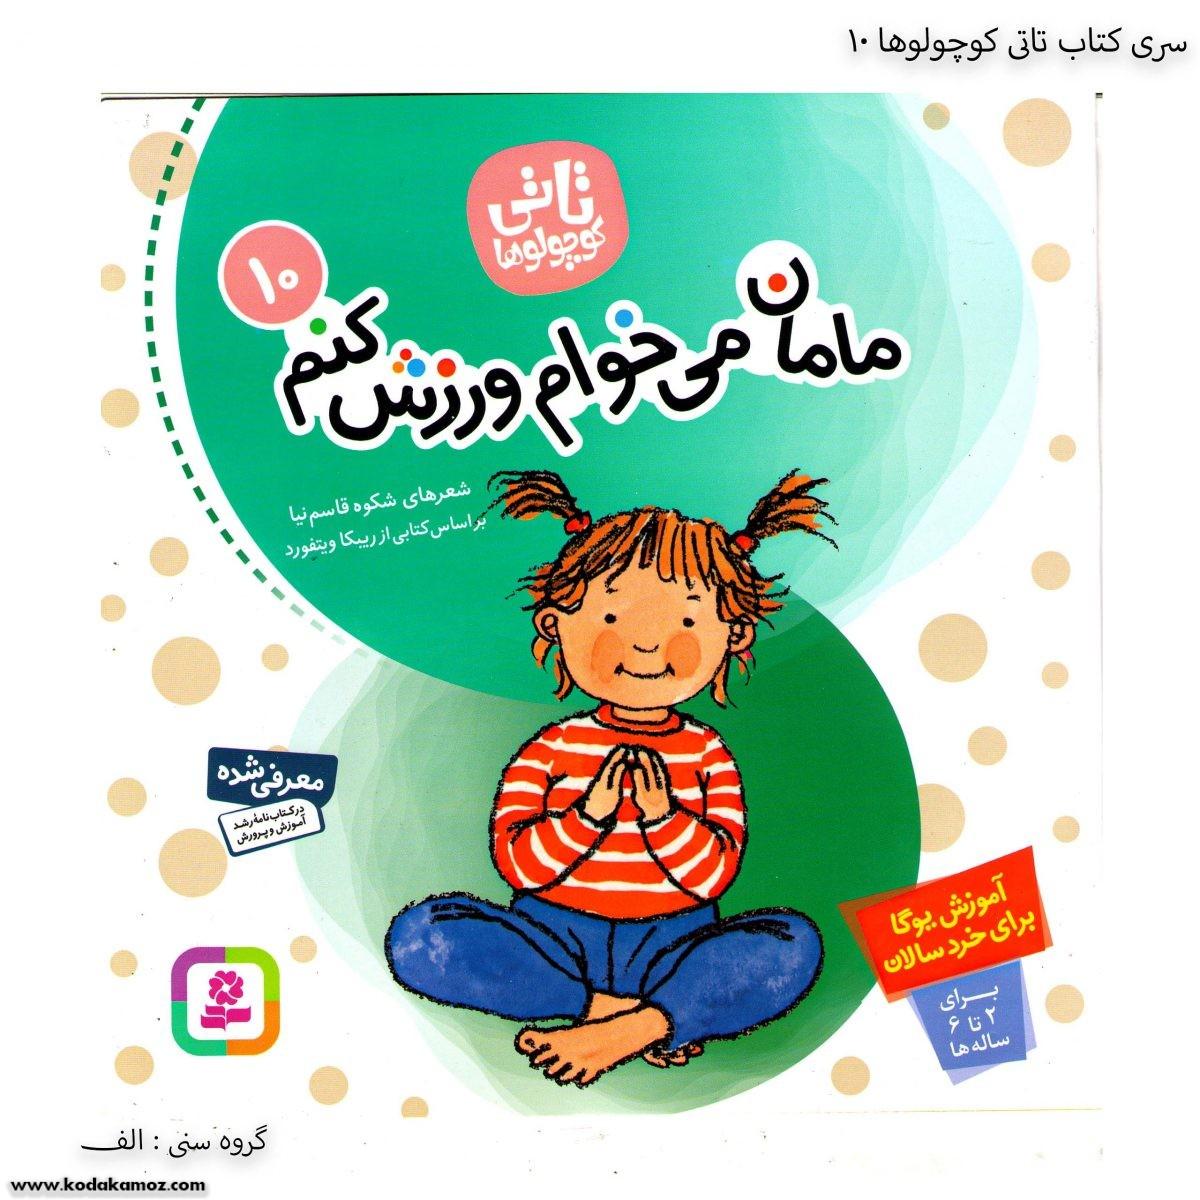 کتاب تاتی کوچولوها - مامان میخوام ورزش کنم کد 10